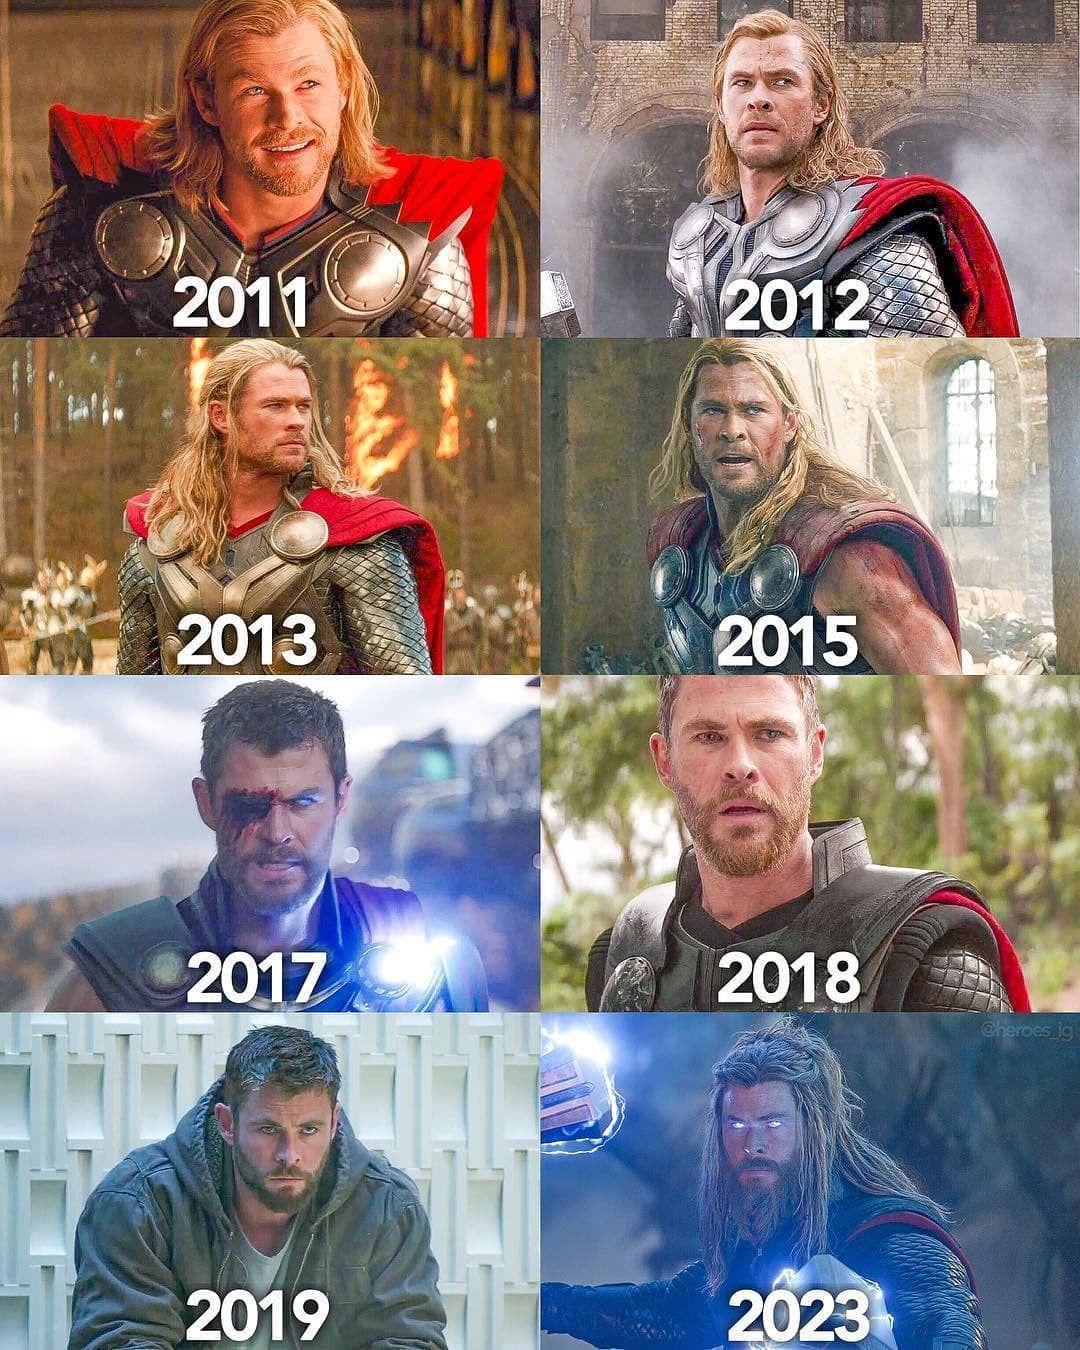 Sence Thor Hangi Senede Daha Yakisikli Thor Odin Marvel Marvel Characters Art Avengers Funny Marvel Characters